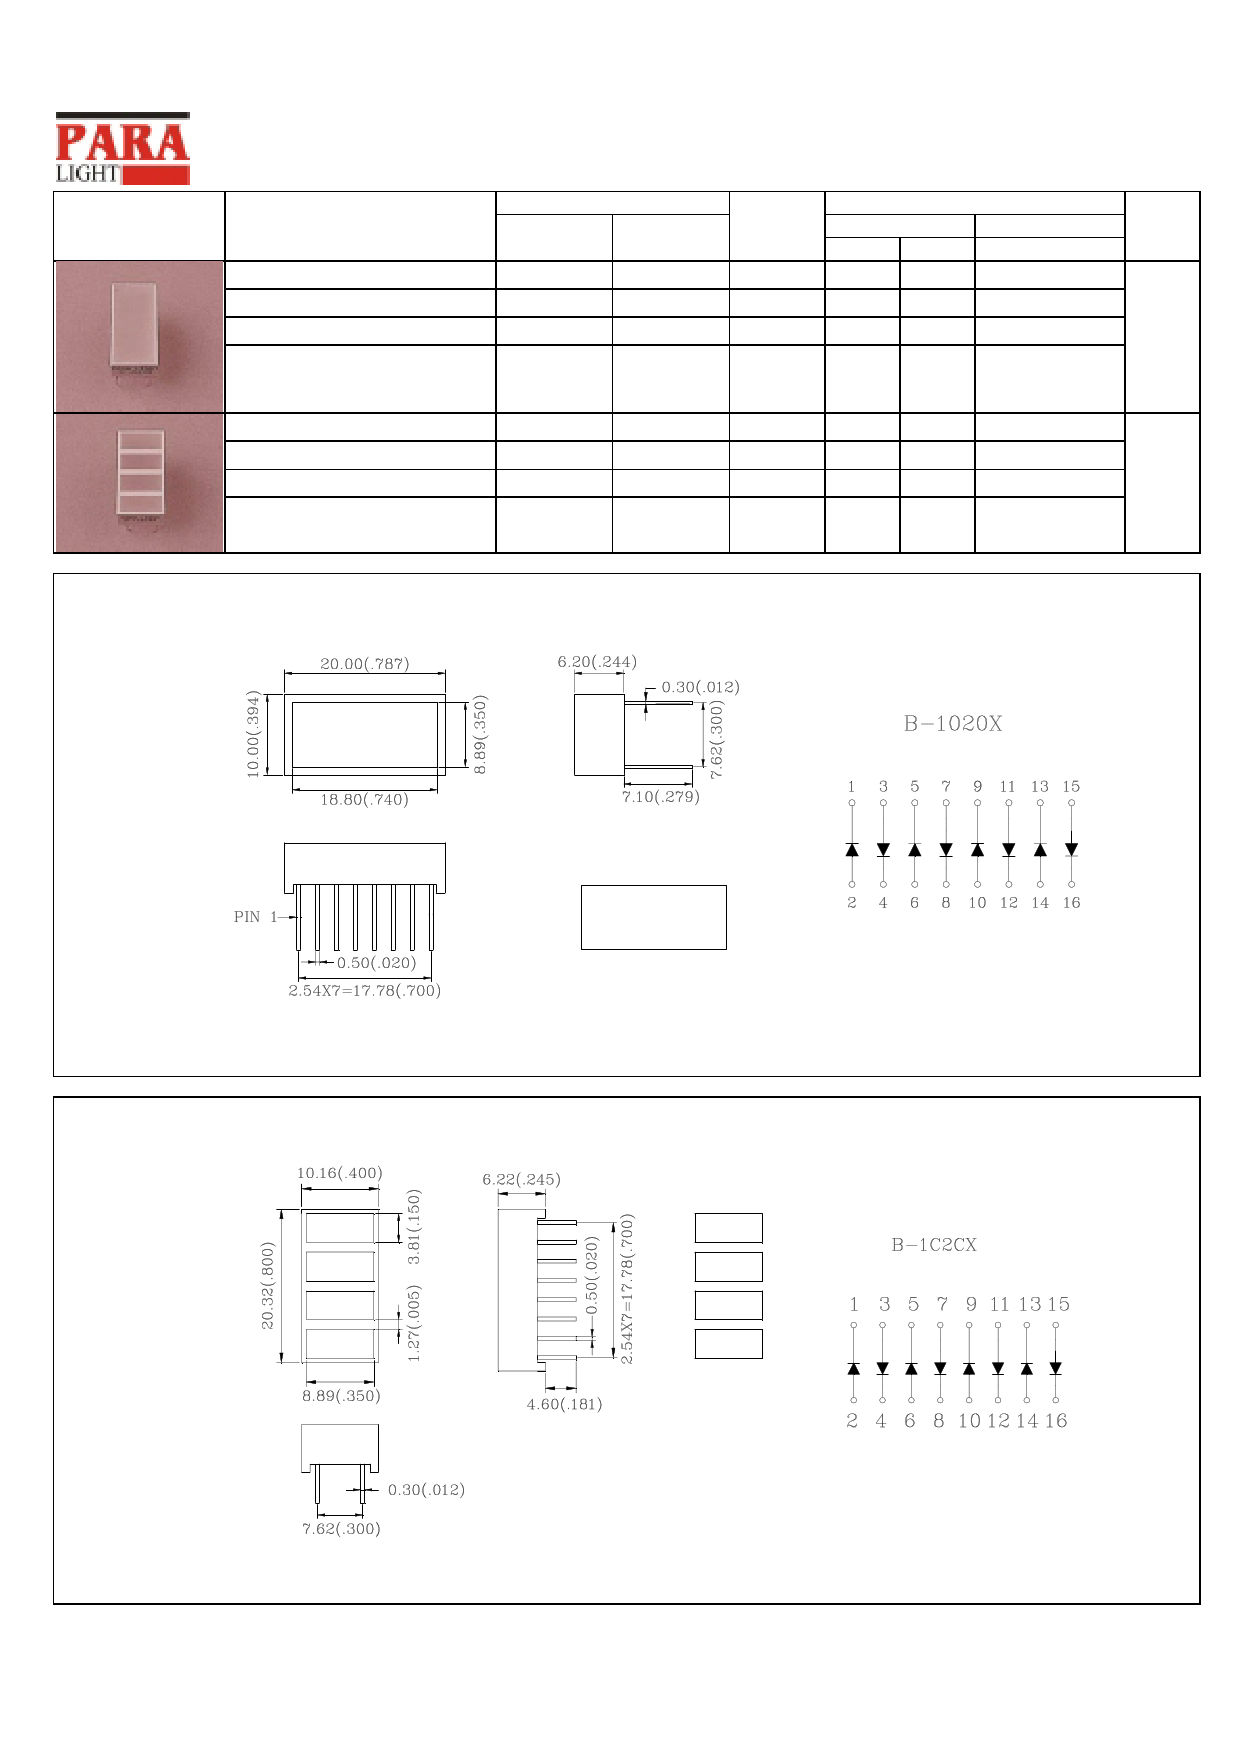 B-1C2CG datasheet